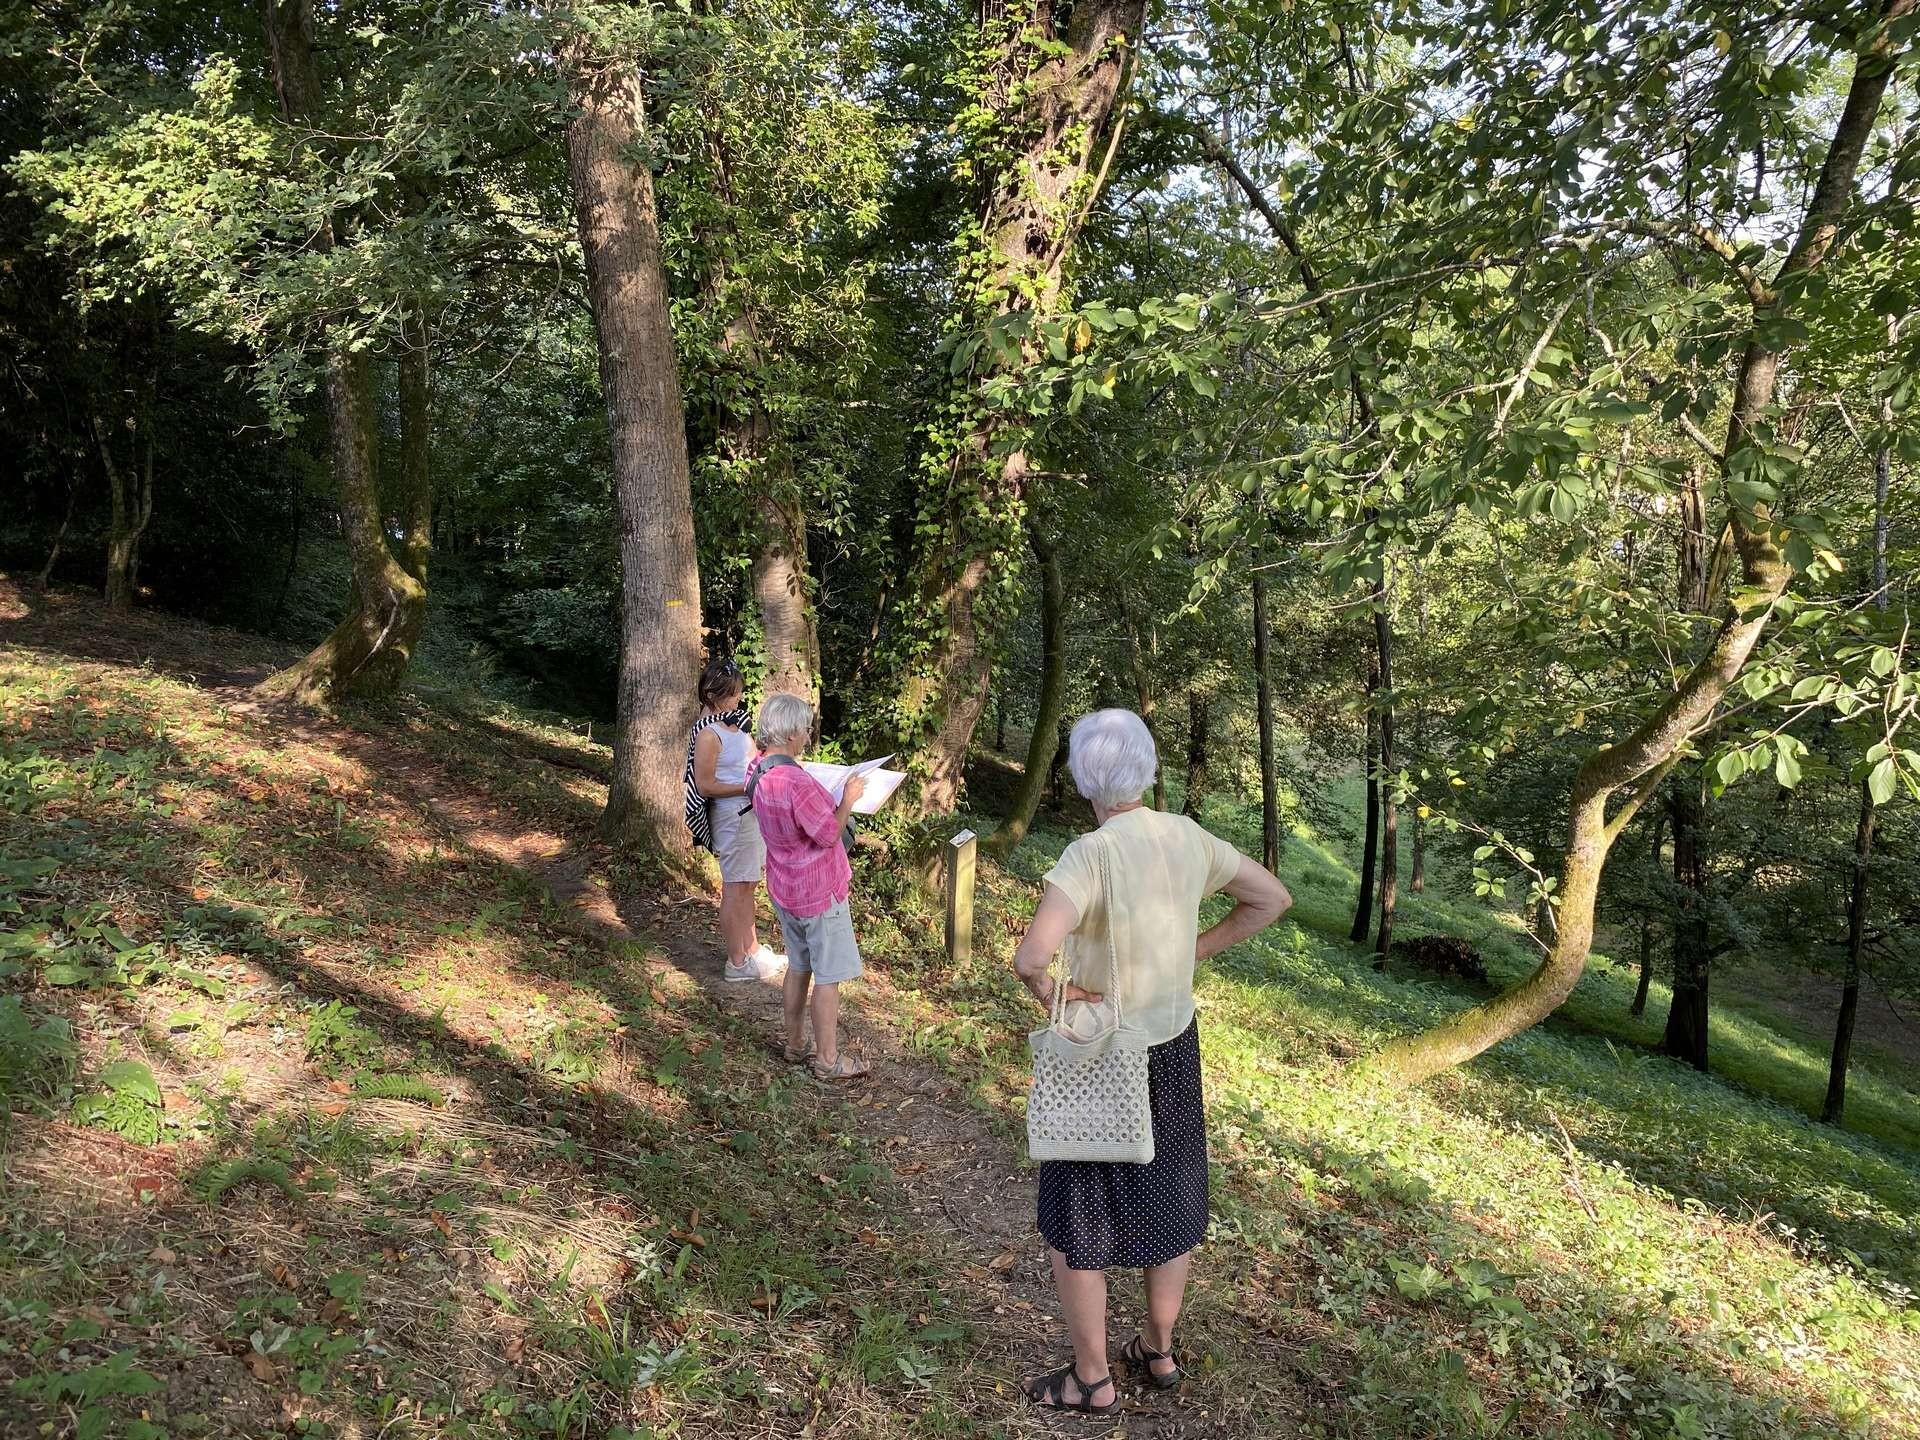 Journée du patrimoine de pays : Visite botanique du bois de la Coudanne - ORTHEZ